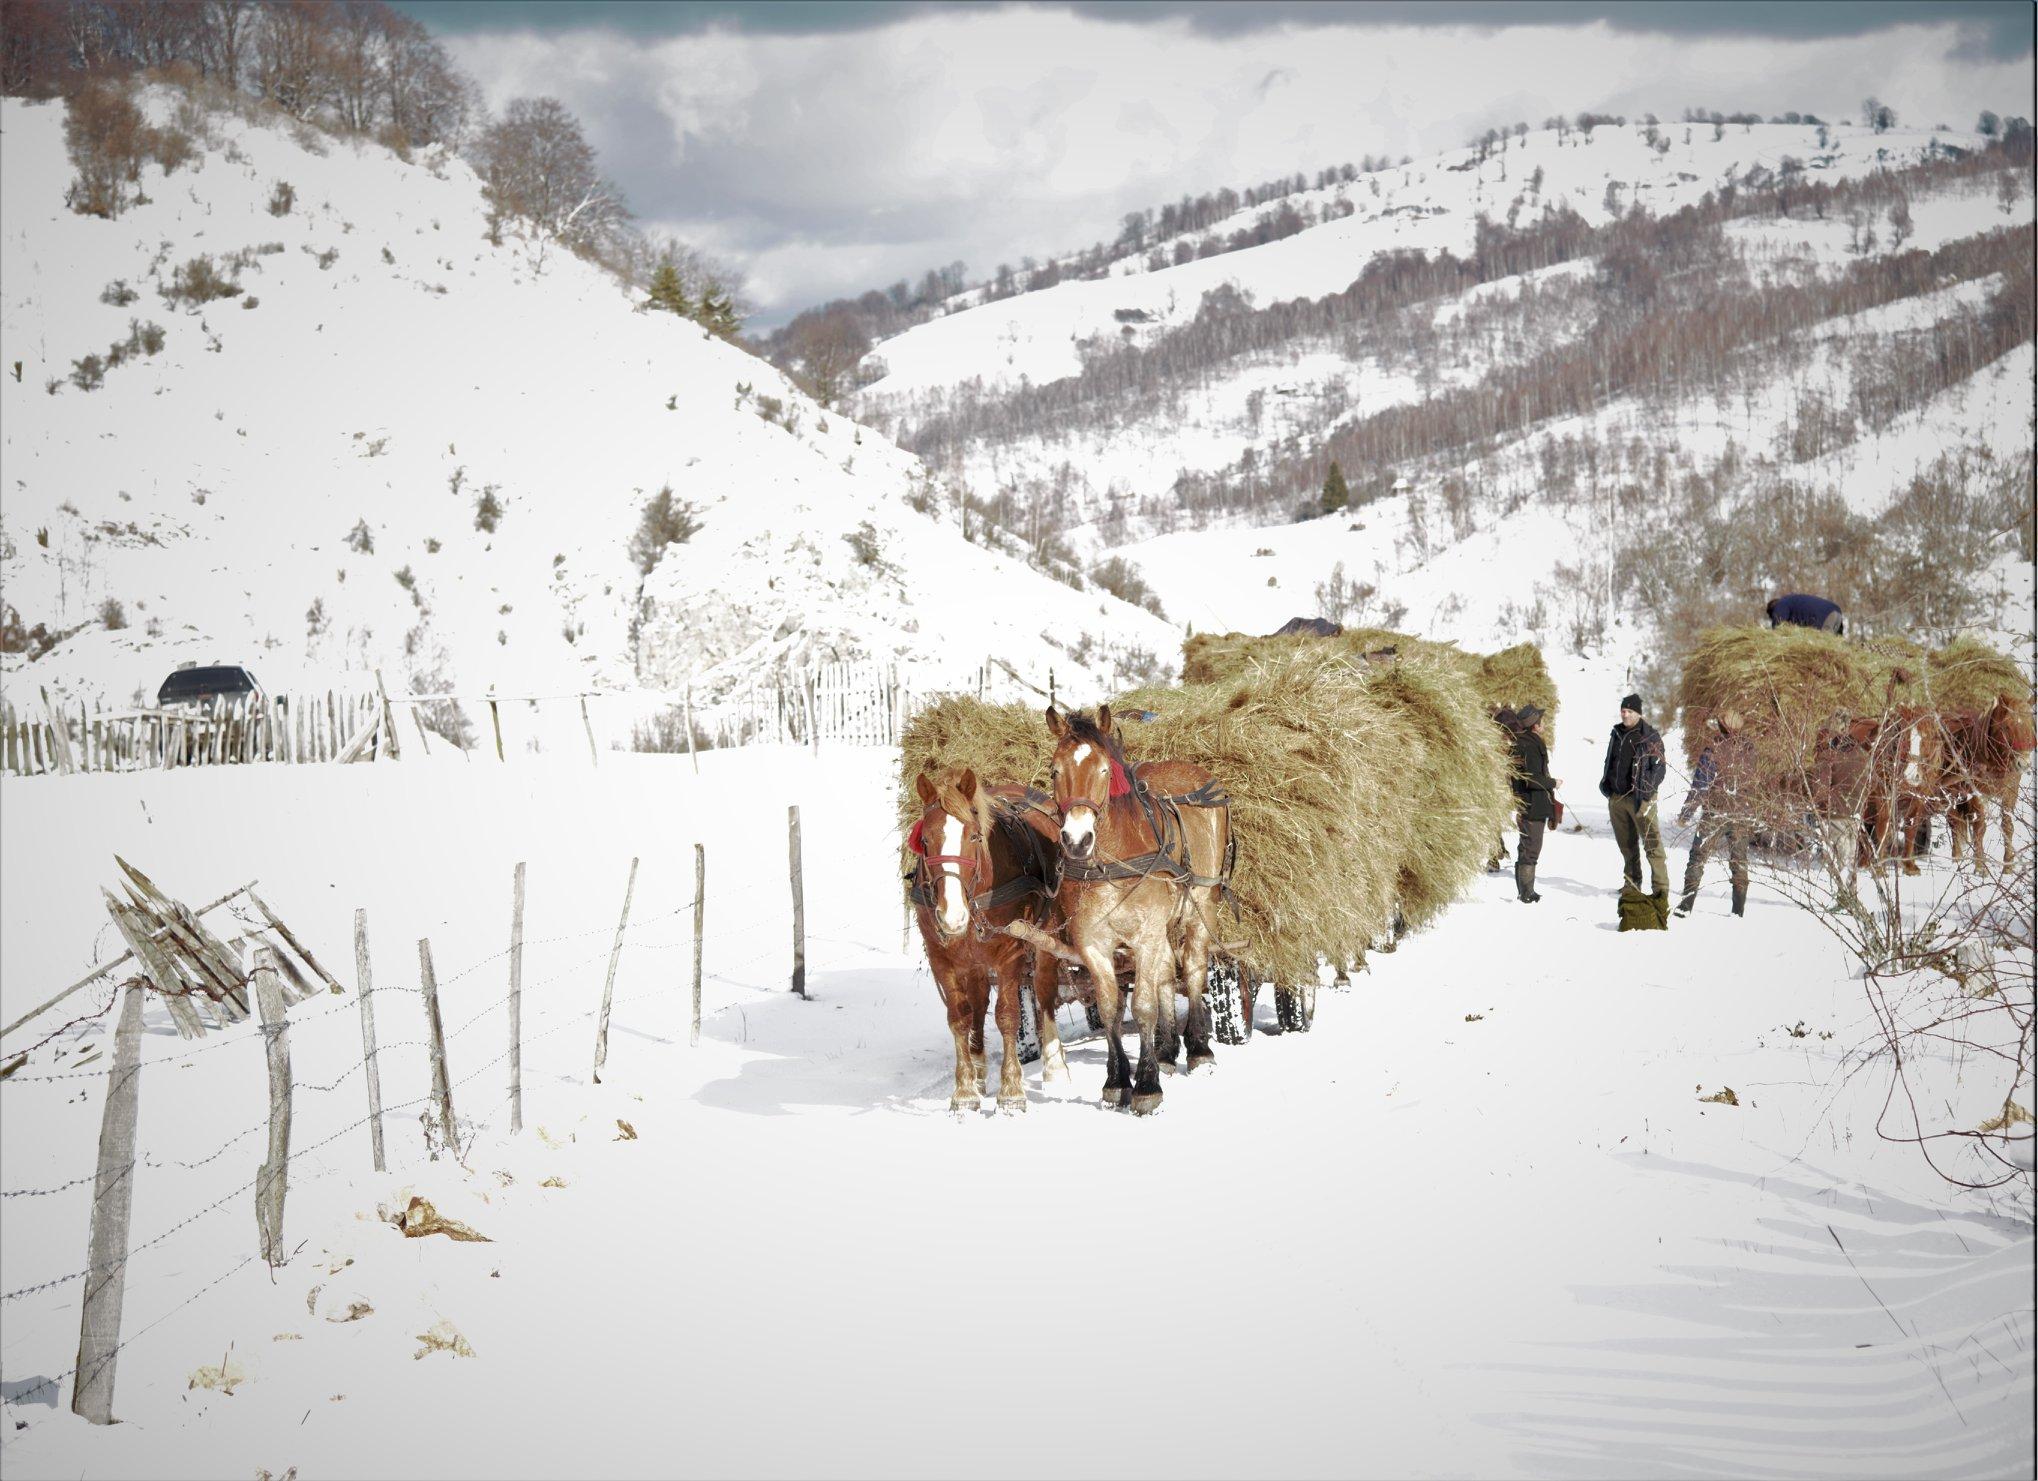 FOTO| Iarna în Parcul Natural Grădiștea Muncelului -Cioclovina. Peisaje de tablou, surprinse în fotografii